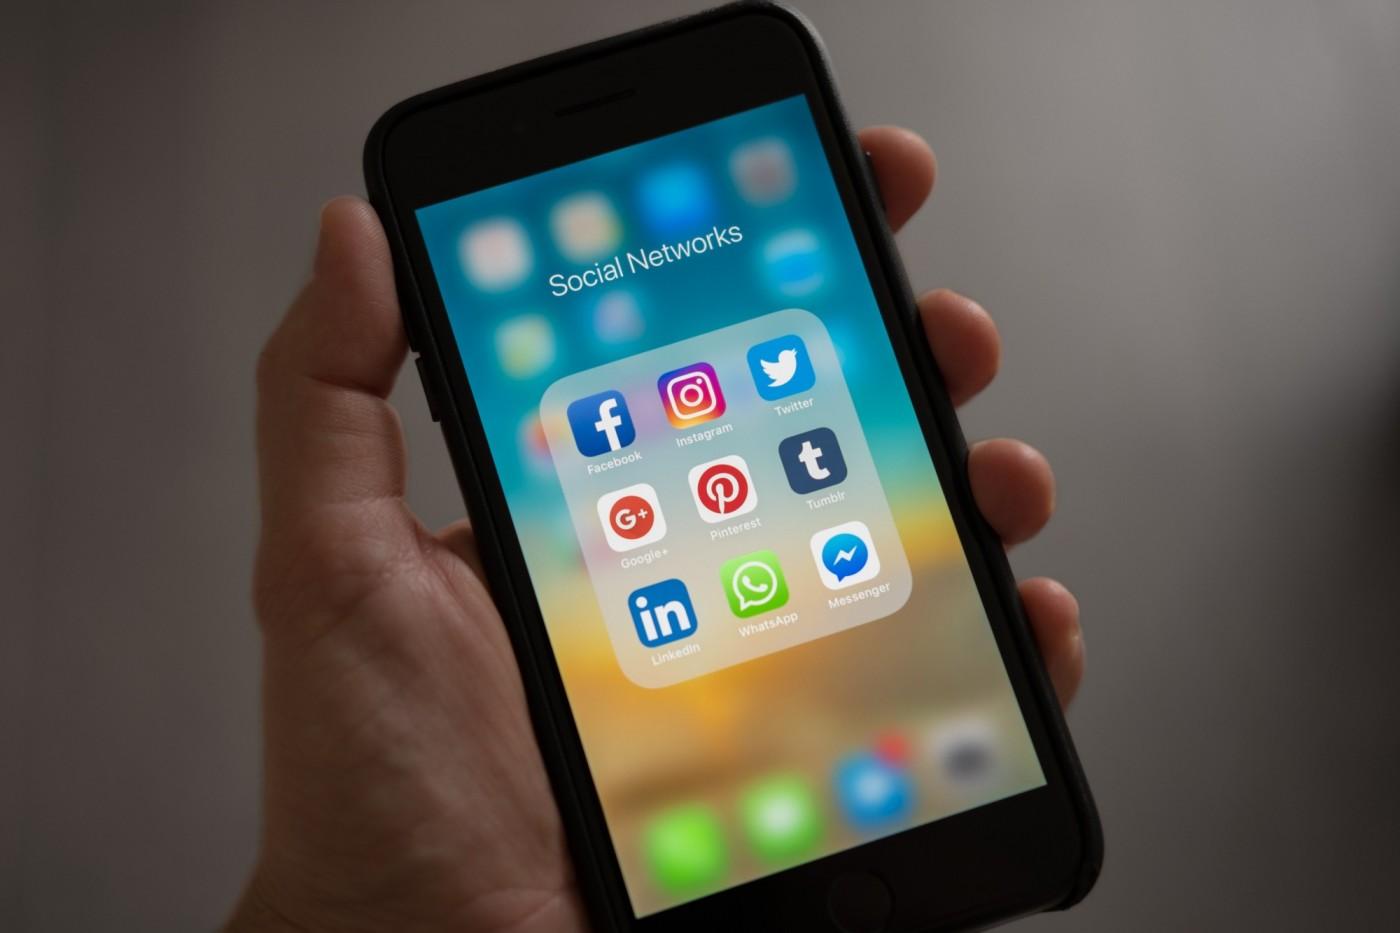 全球廣告平台成績單揭8大趨勢:TikTok成長飆升、App Store搜尋潛力爆發